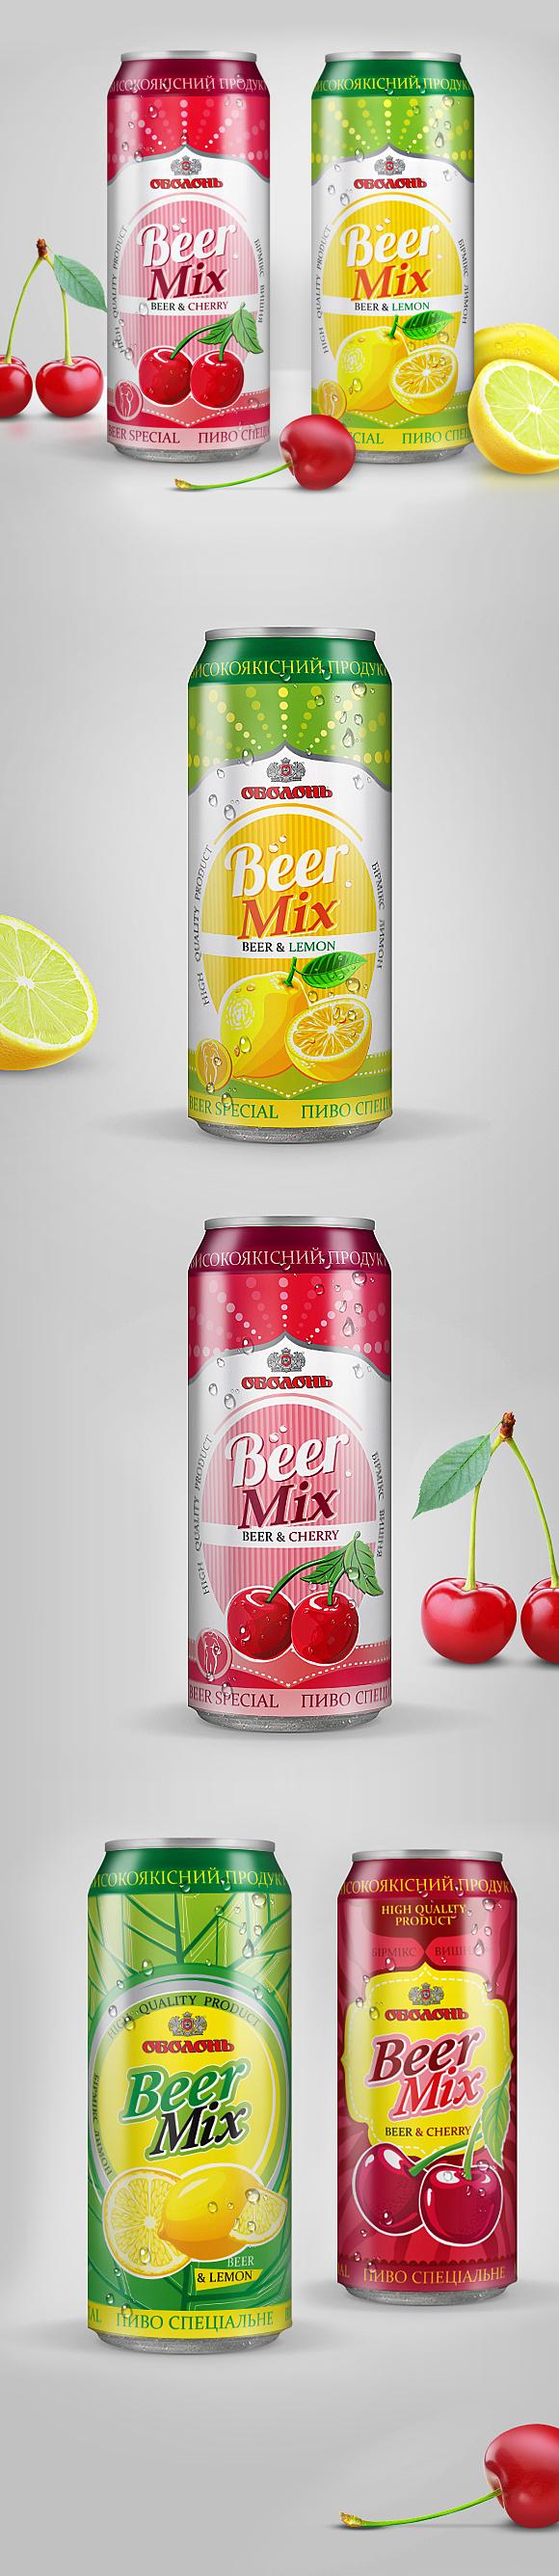 BeerMix